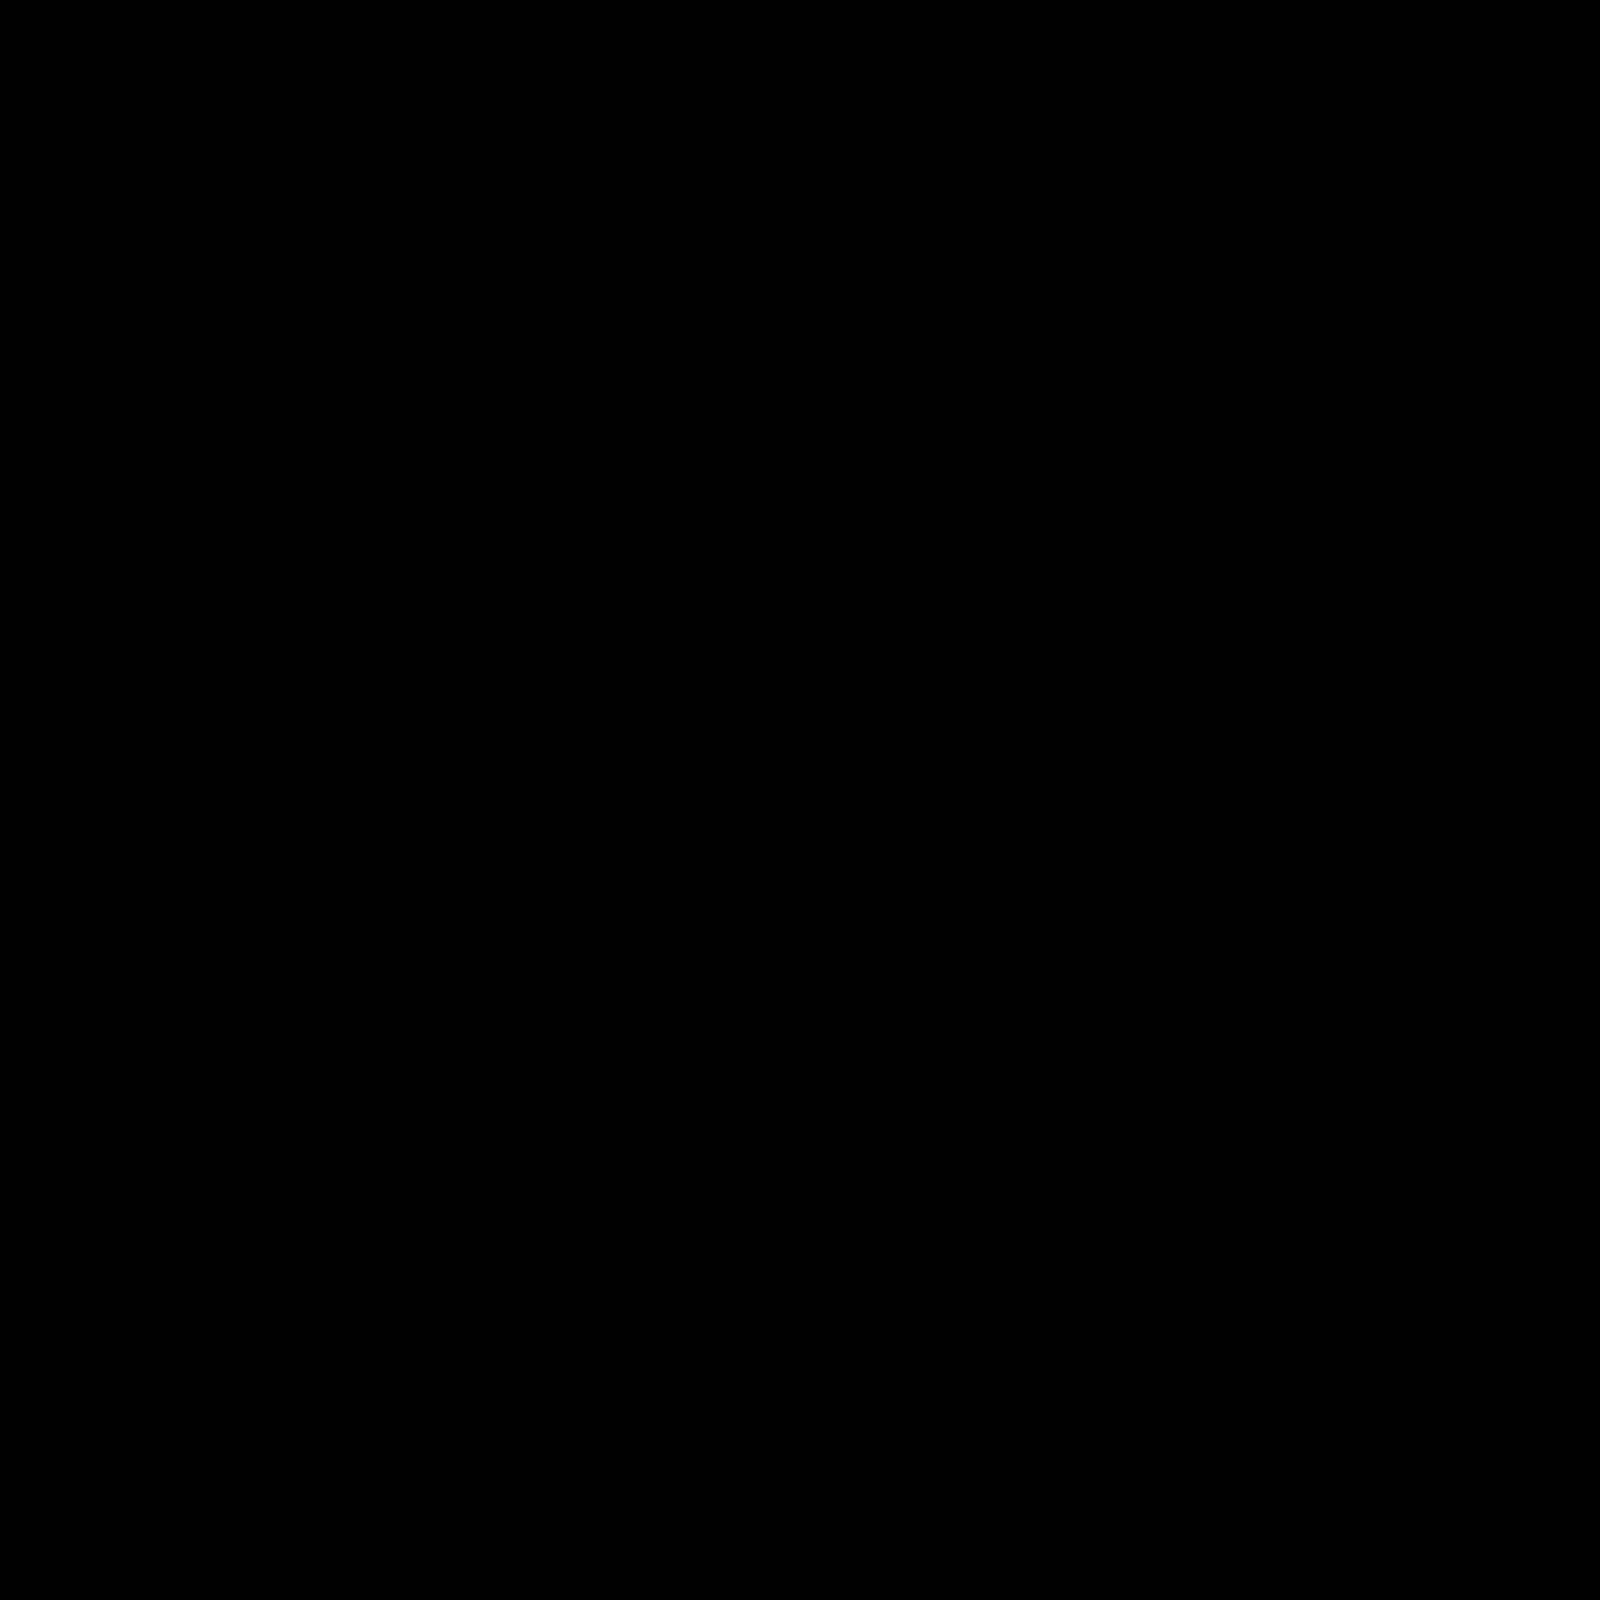 のこ刃 icon